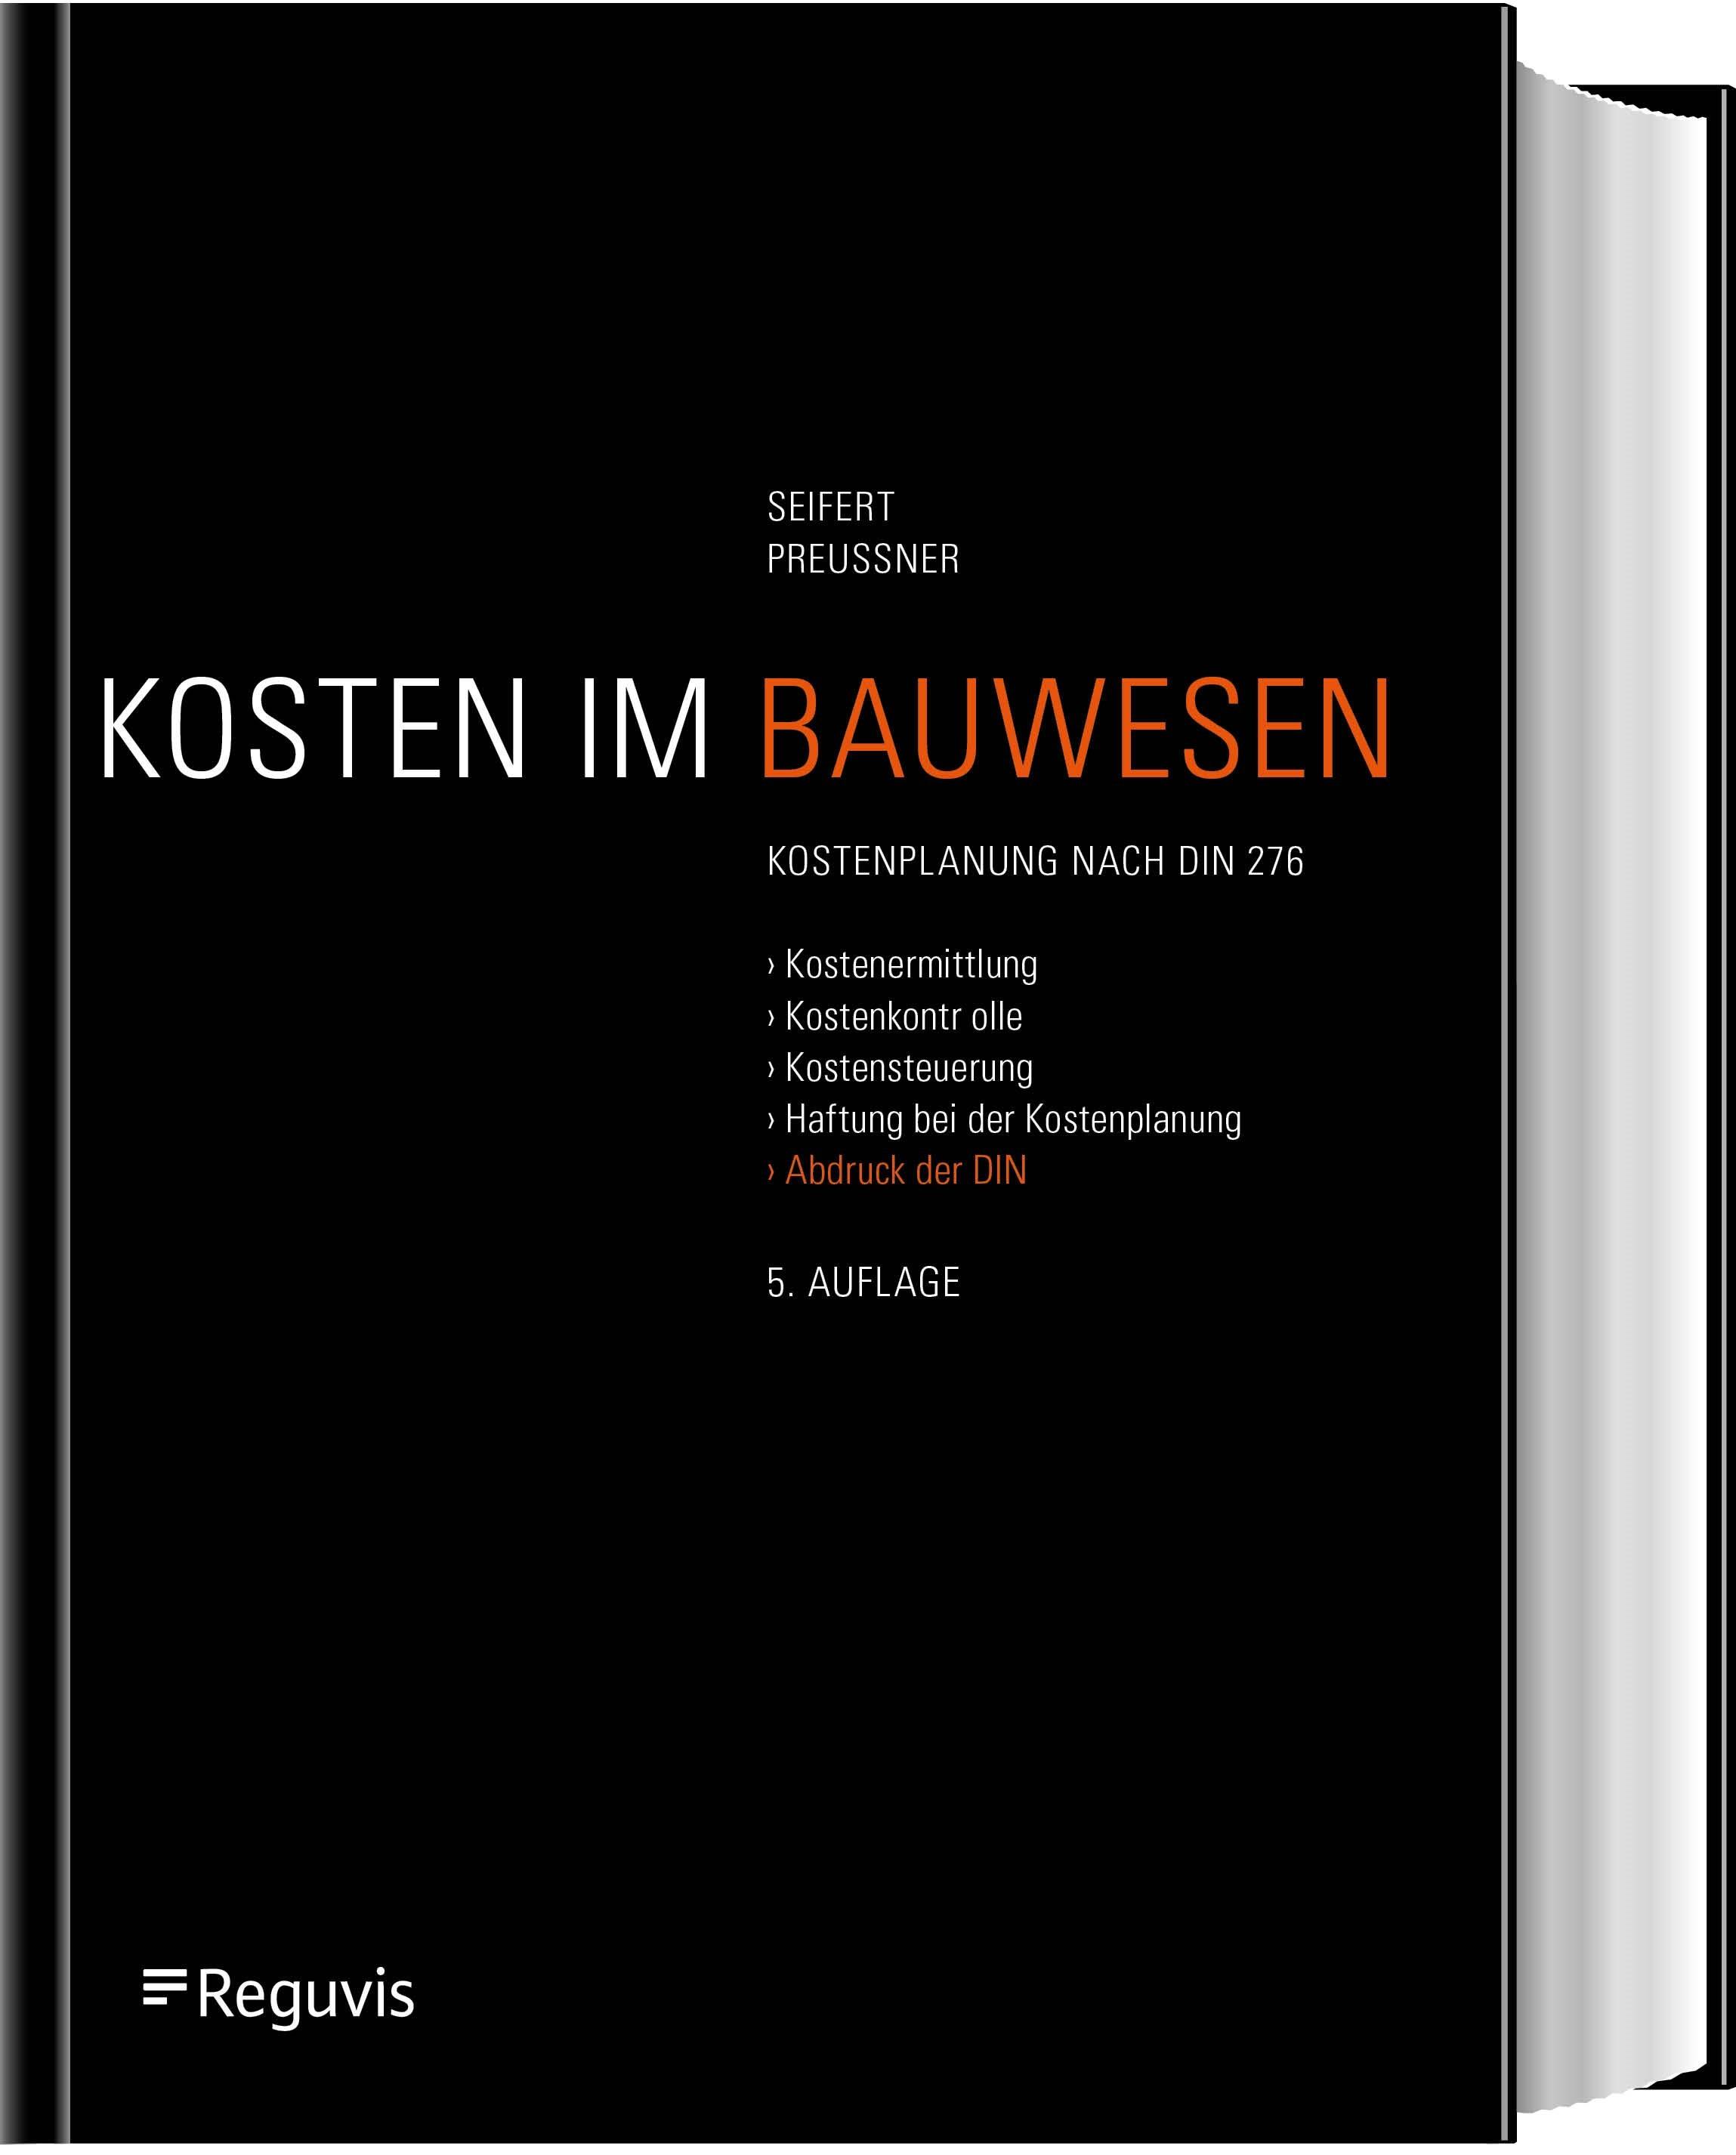 Baukostenplanung | Seifert / Preussner | 5., neu bearbeitete und erweiterte Auflage, 2018 | Buch (Cover)